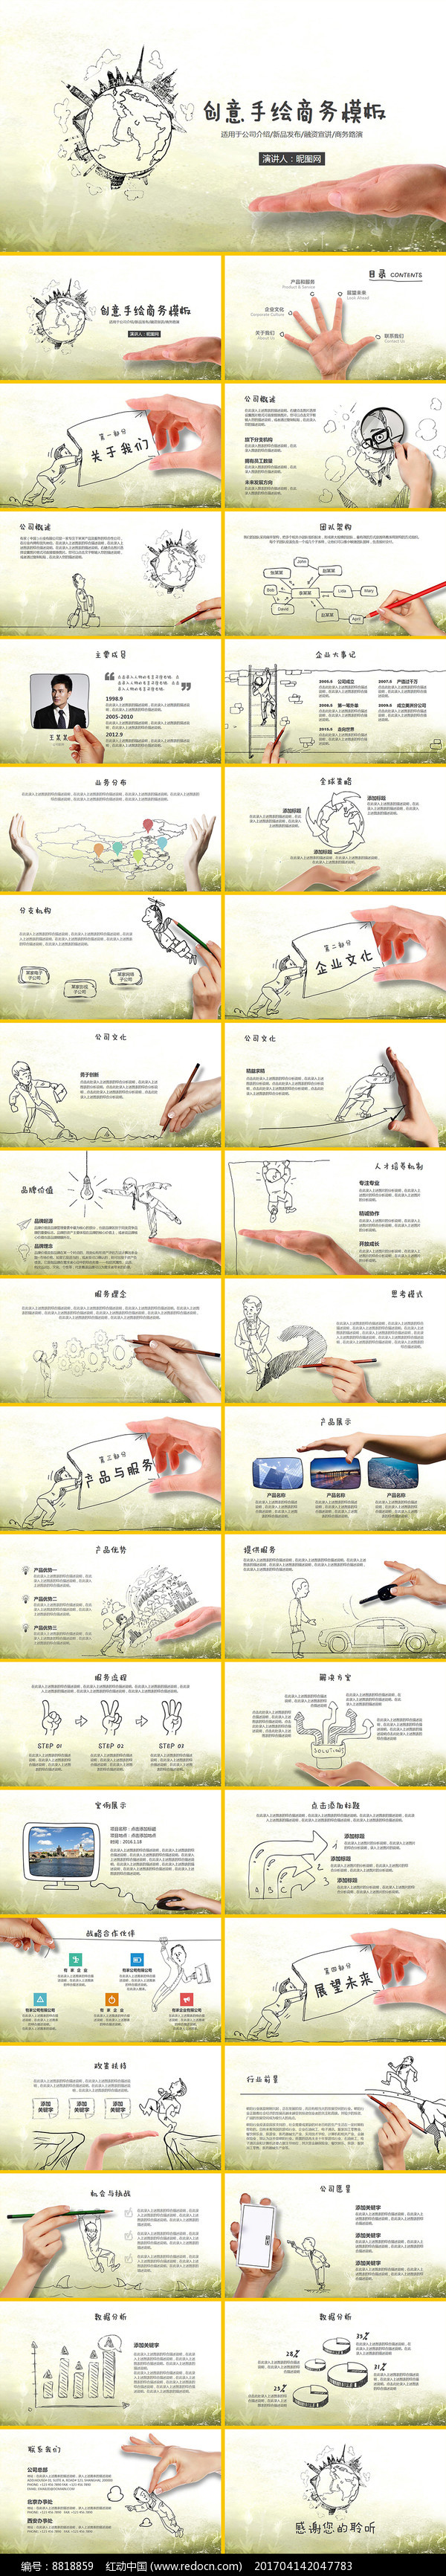 创意手绘商务PPT模板图片